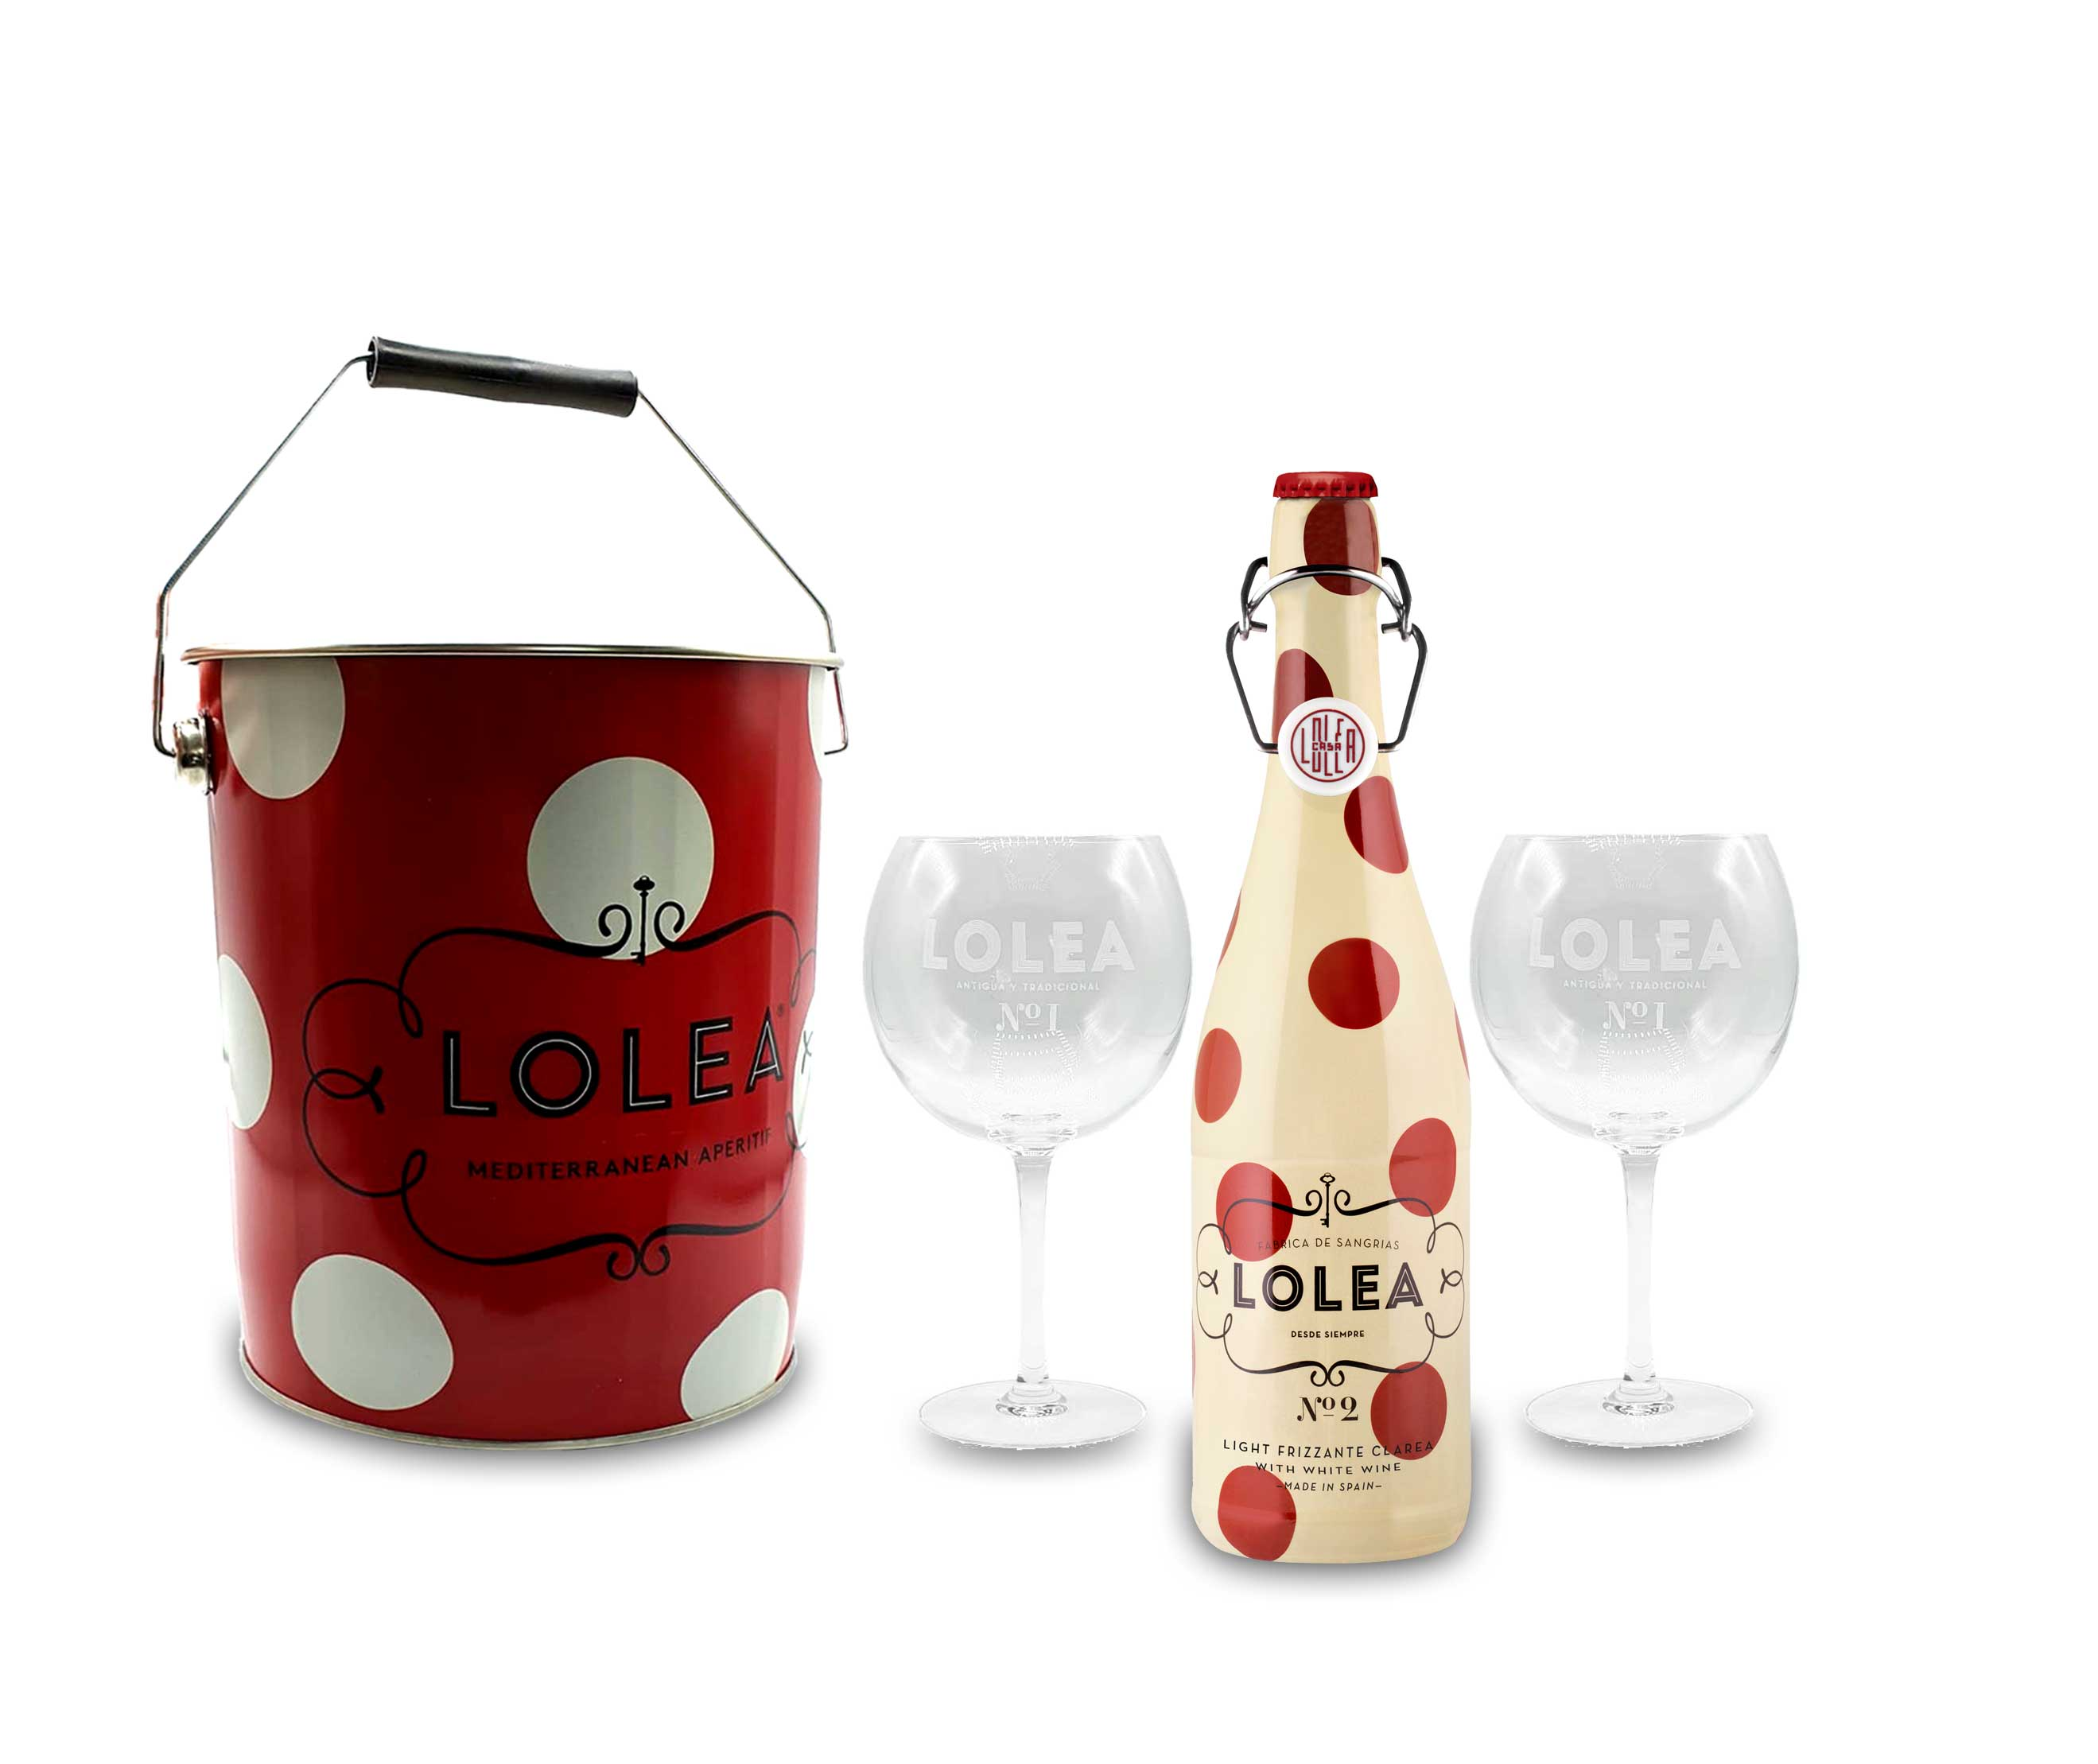 Lolea Set - Kühler mit Henkel + 2 Ballongläser + Lolea Sangria N°2 WEIß 0,75L (7% Vol) Weißwein Sangria Chardonnay, Macabeo Trauben- [Enthält Sulfite]